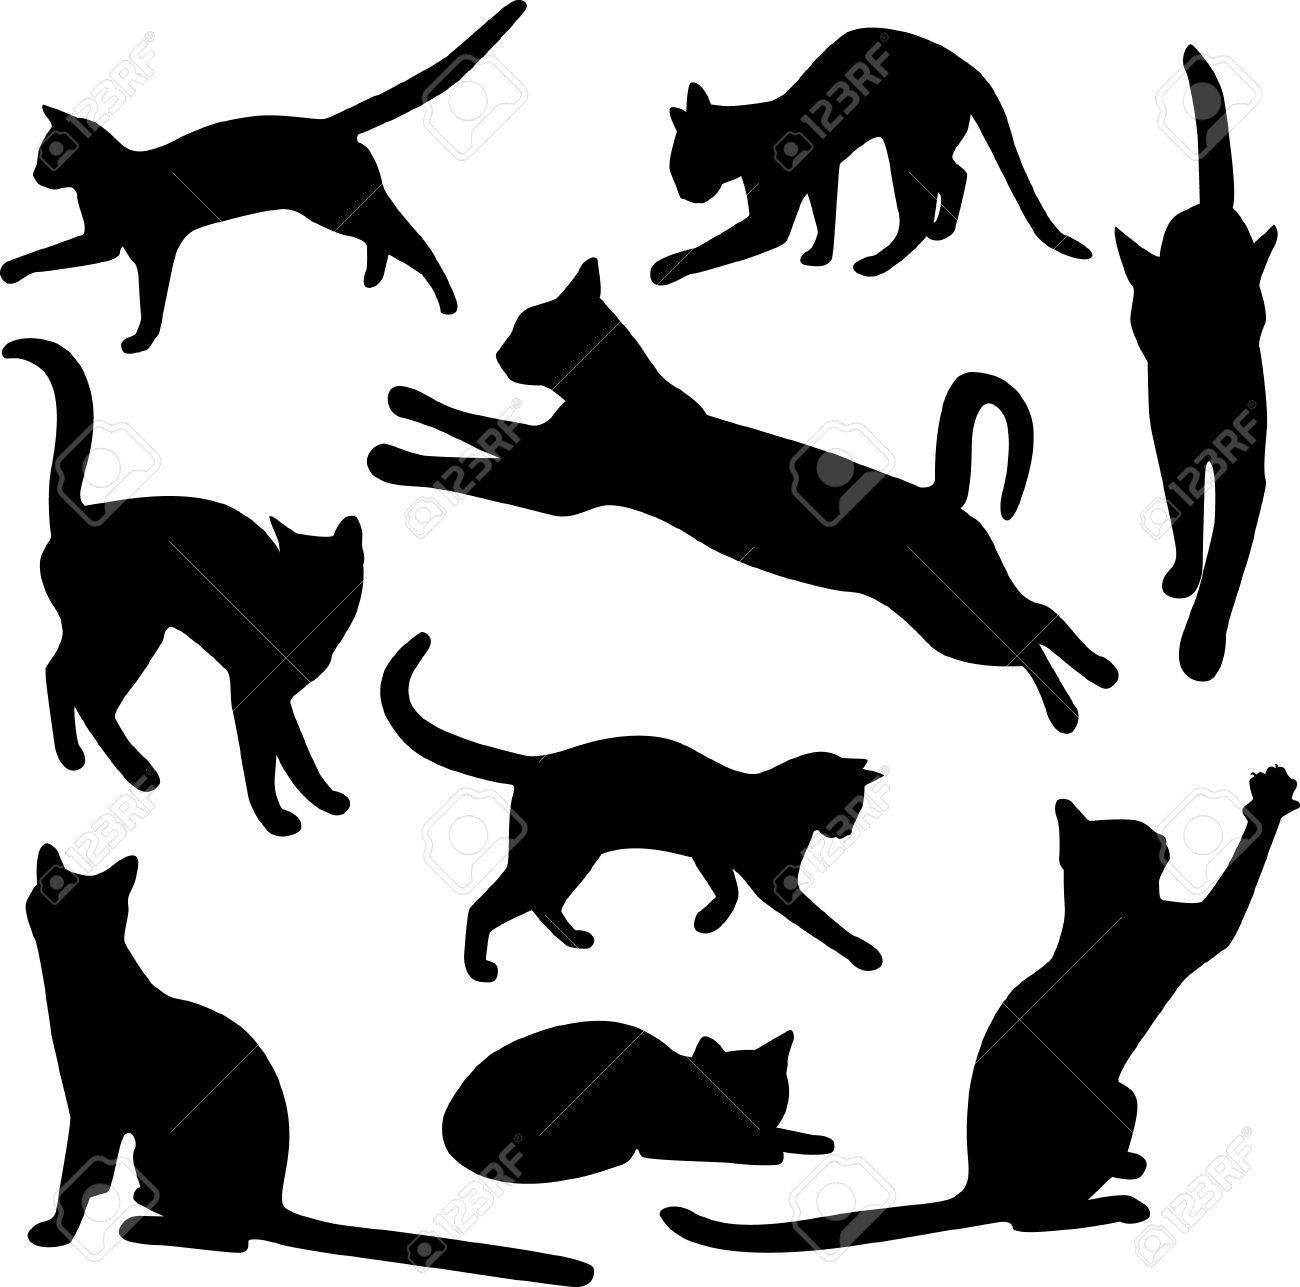 colección de vector de siluetas de gato  Foto de archivo - 7593930